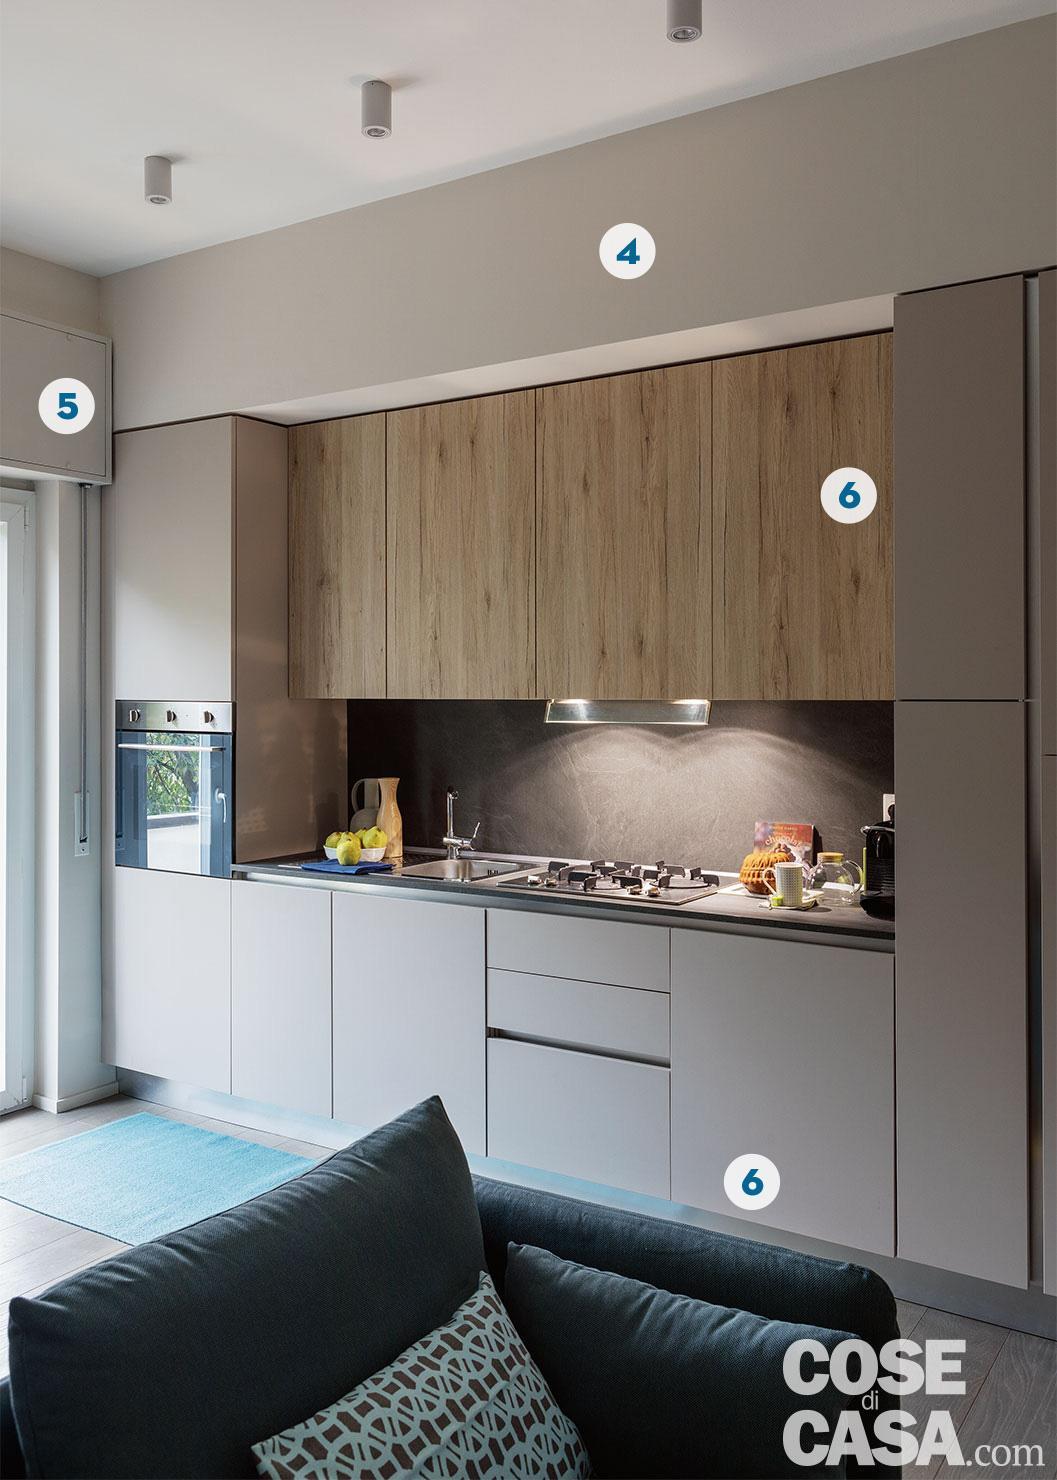 Bilocale di 48 mq con bagno e cucina ampliati - Cose di Casa